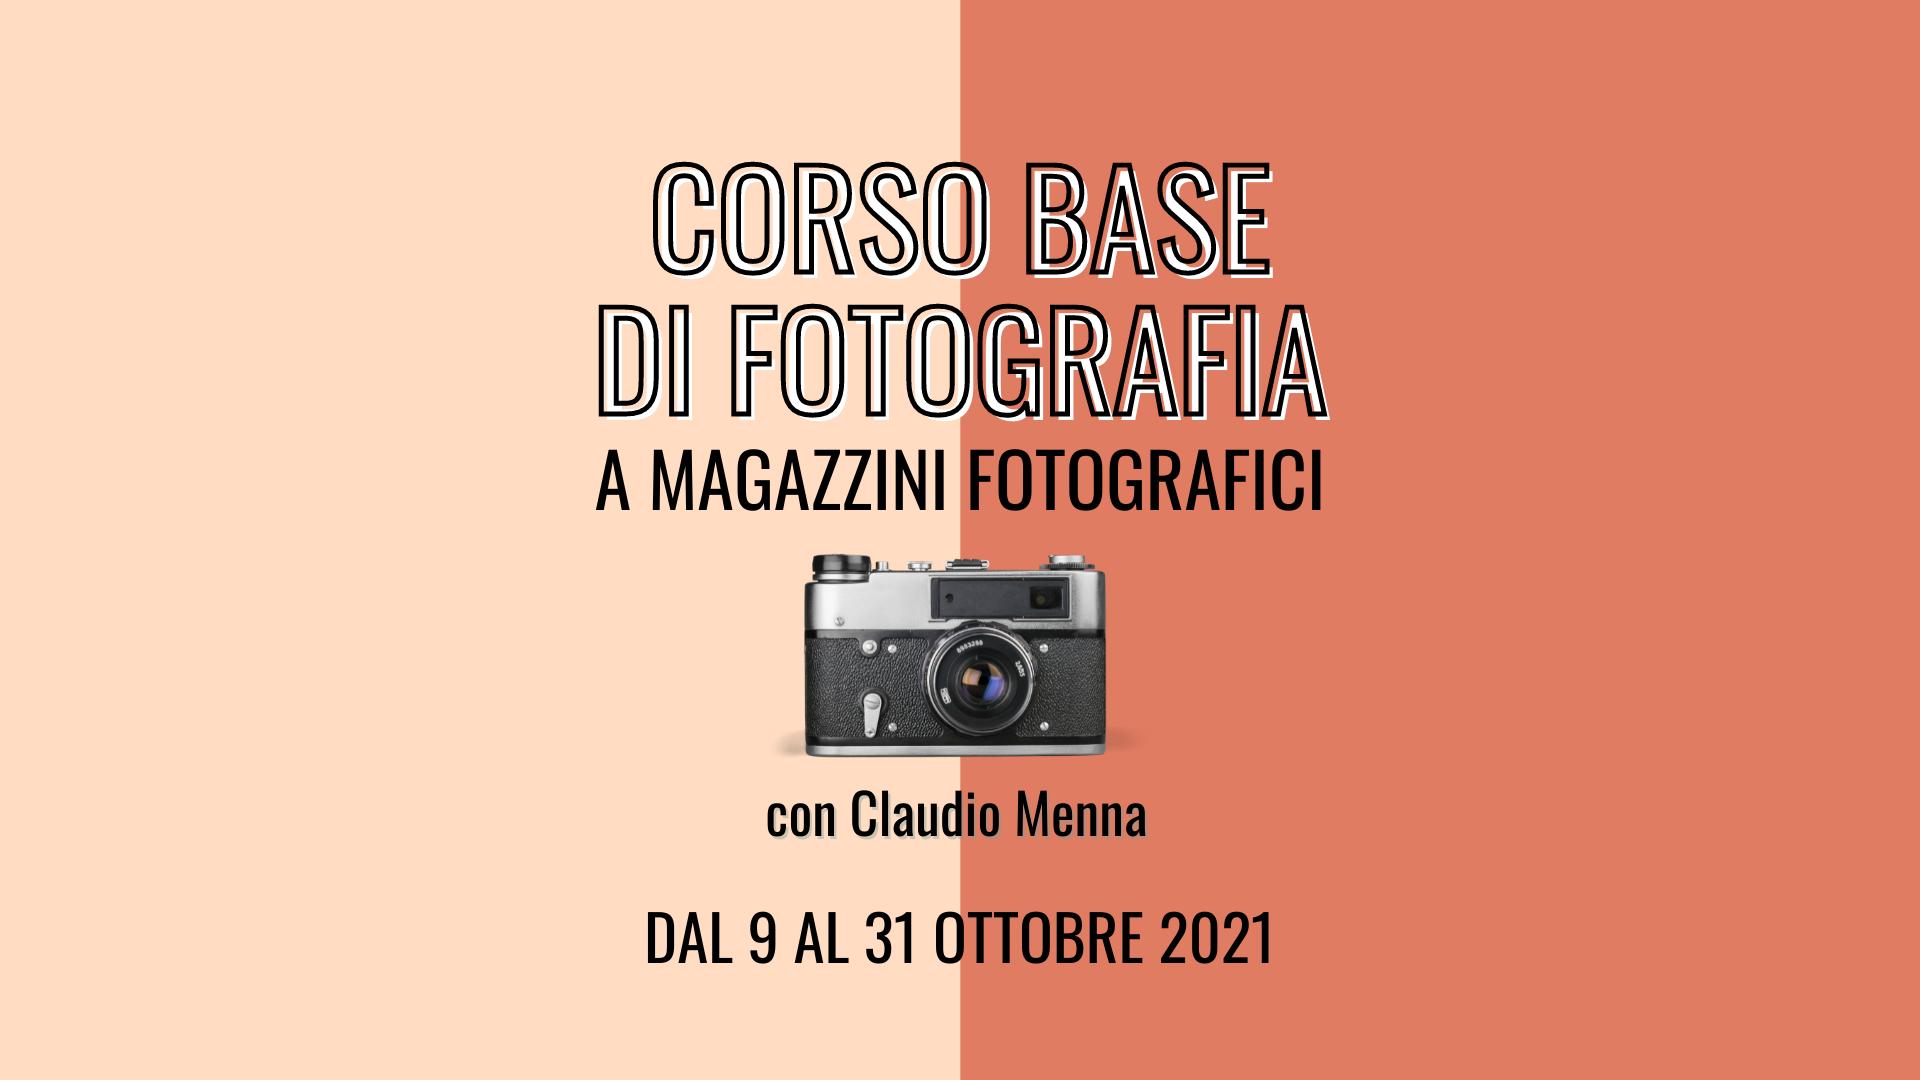 corso base di fotografia Magazzini Fotografici